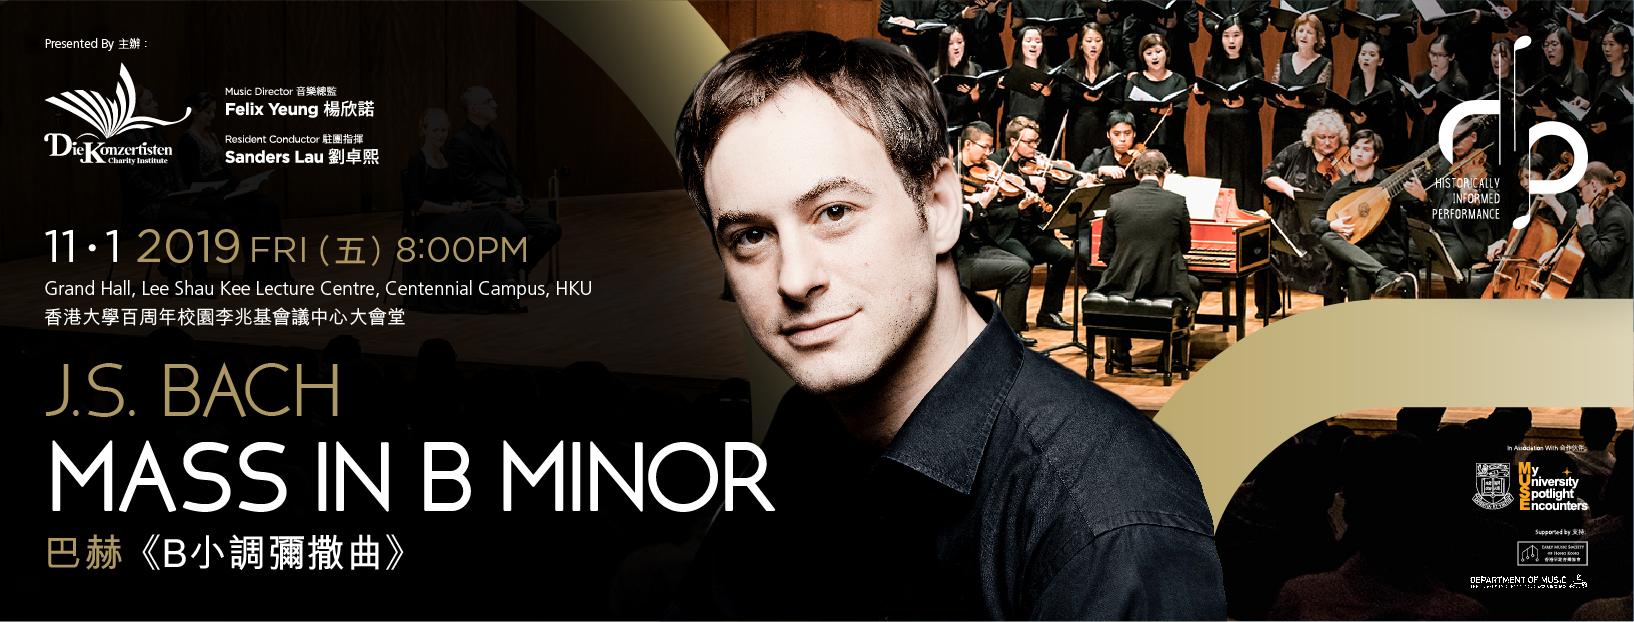 Tim Mead - Mass in B Minor